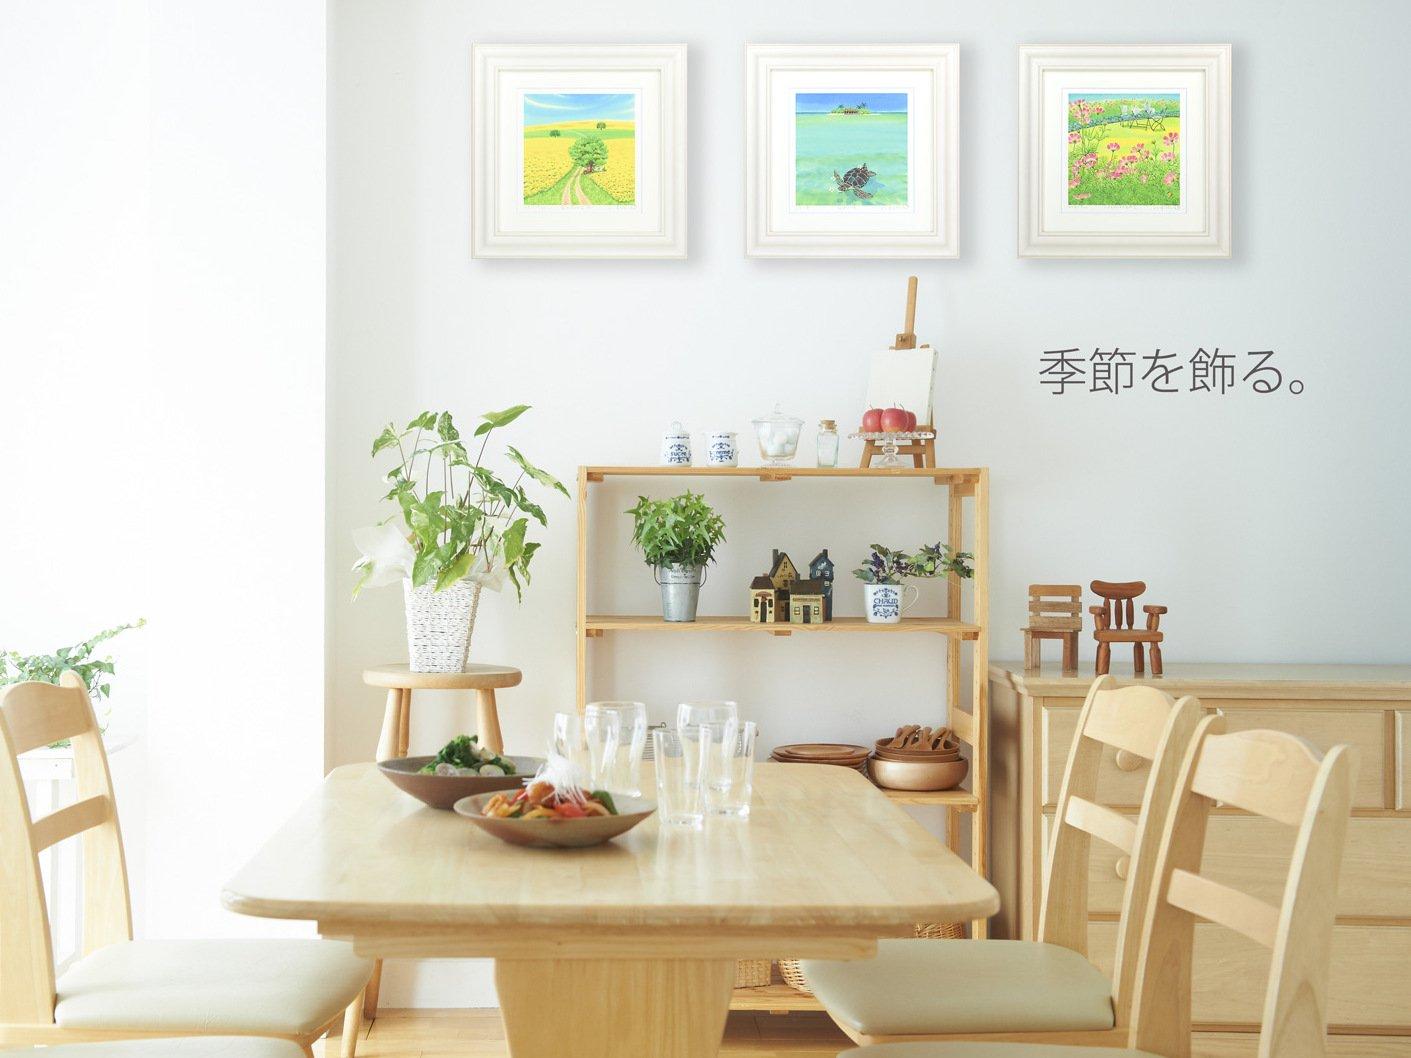 《絵画 水彩画》虹2〔栗乃木ハルミ くりのきはるみ 〕